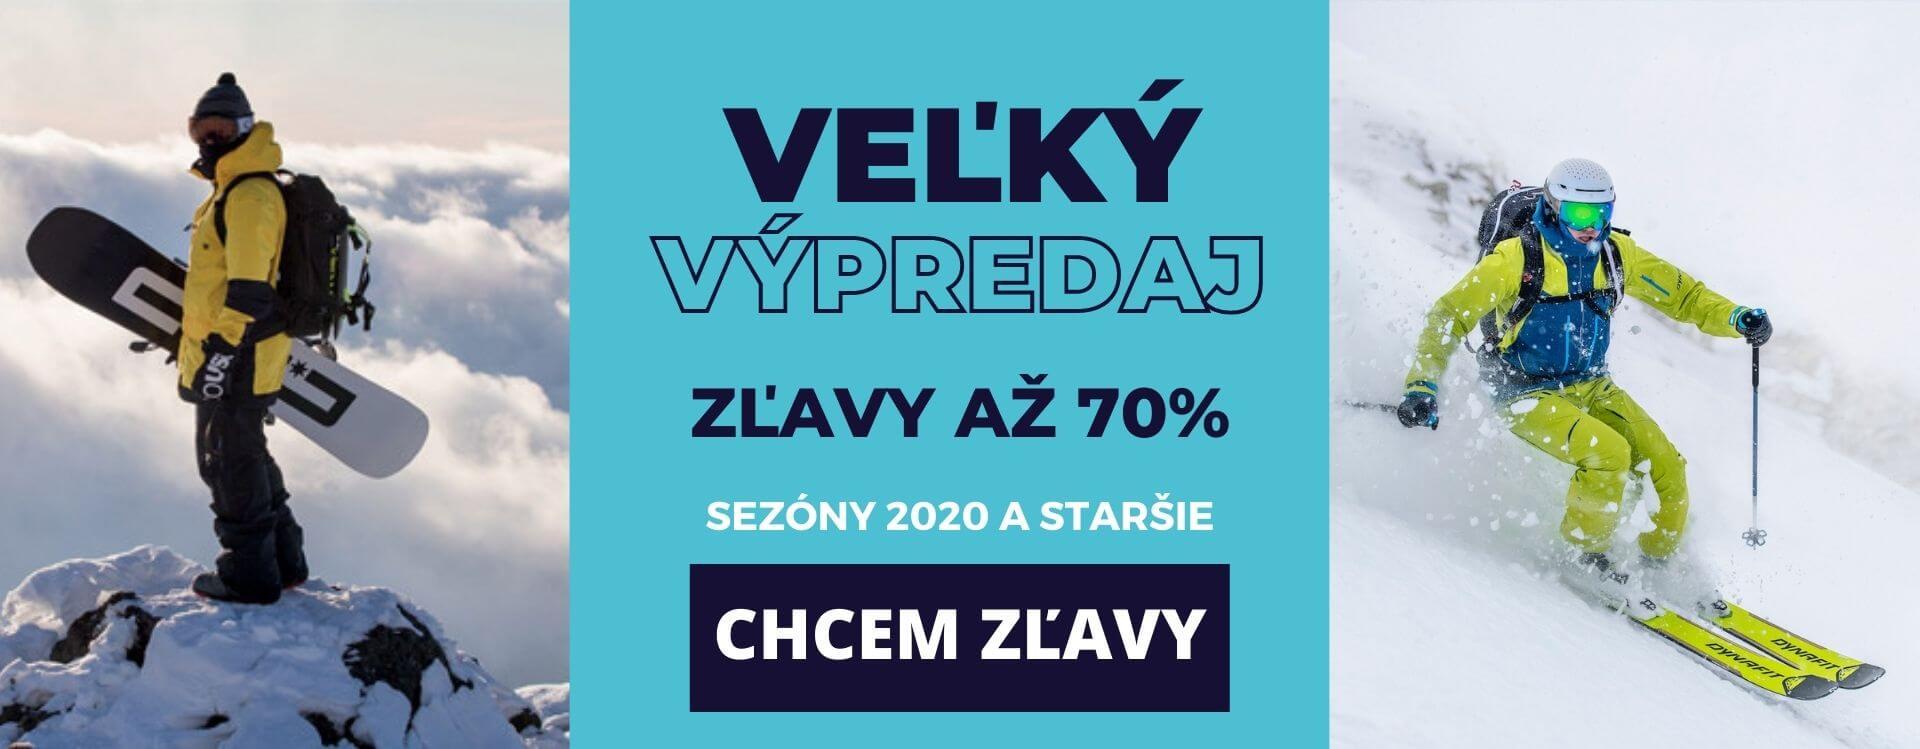 Predsezónny výpredaj  beldas.sk